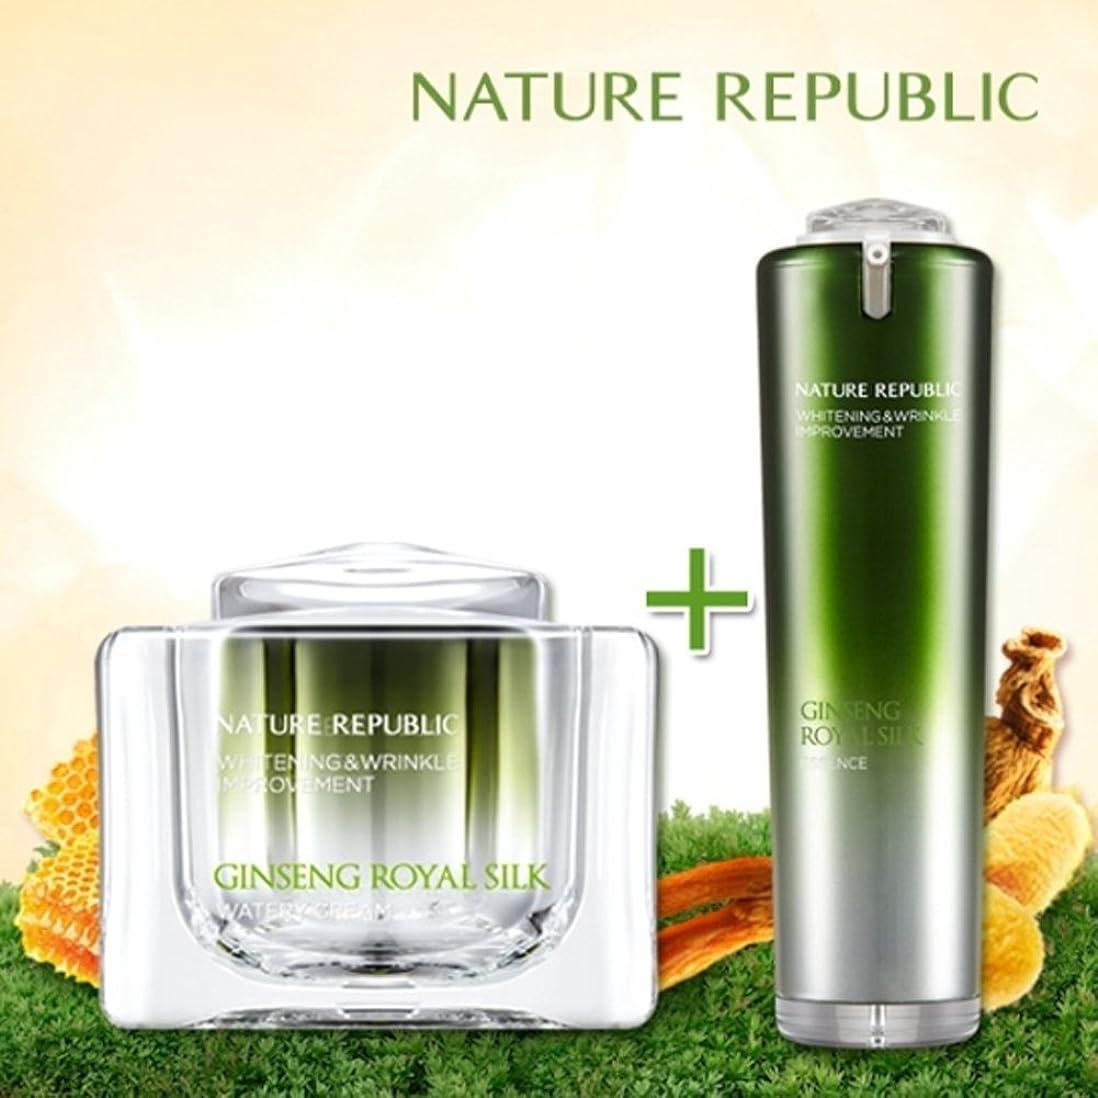 士気スケルトン酸っぱいNATURE REPUBLIC/高麗人参ロイヤルシルクウォーターリークリーム+エッセンス Nature Republic、Ginseng Royal silk Watery Cream+Essence(海外直送品)